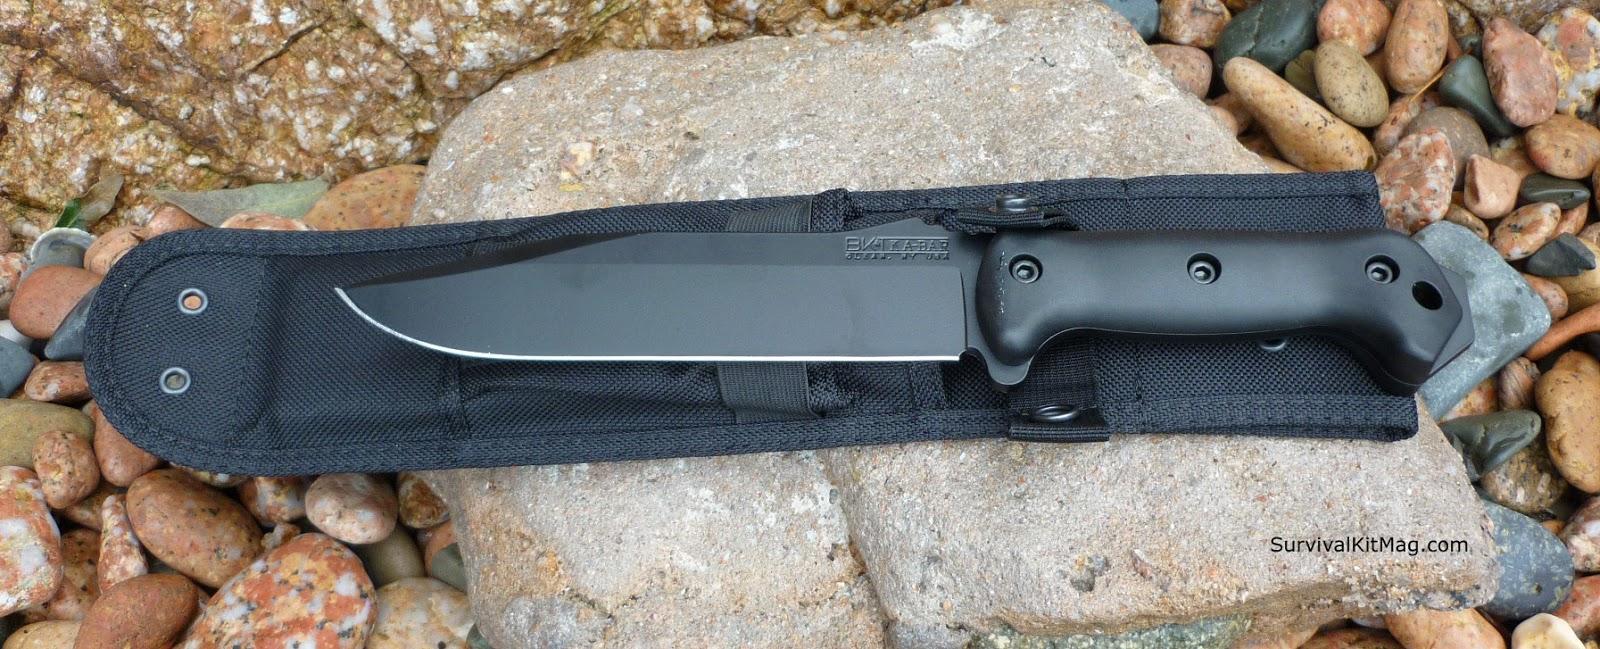 Bug Out Knife : Ka bar bk survival knife for your bug out bag